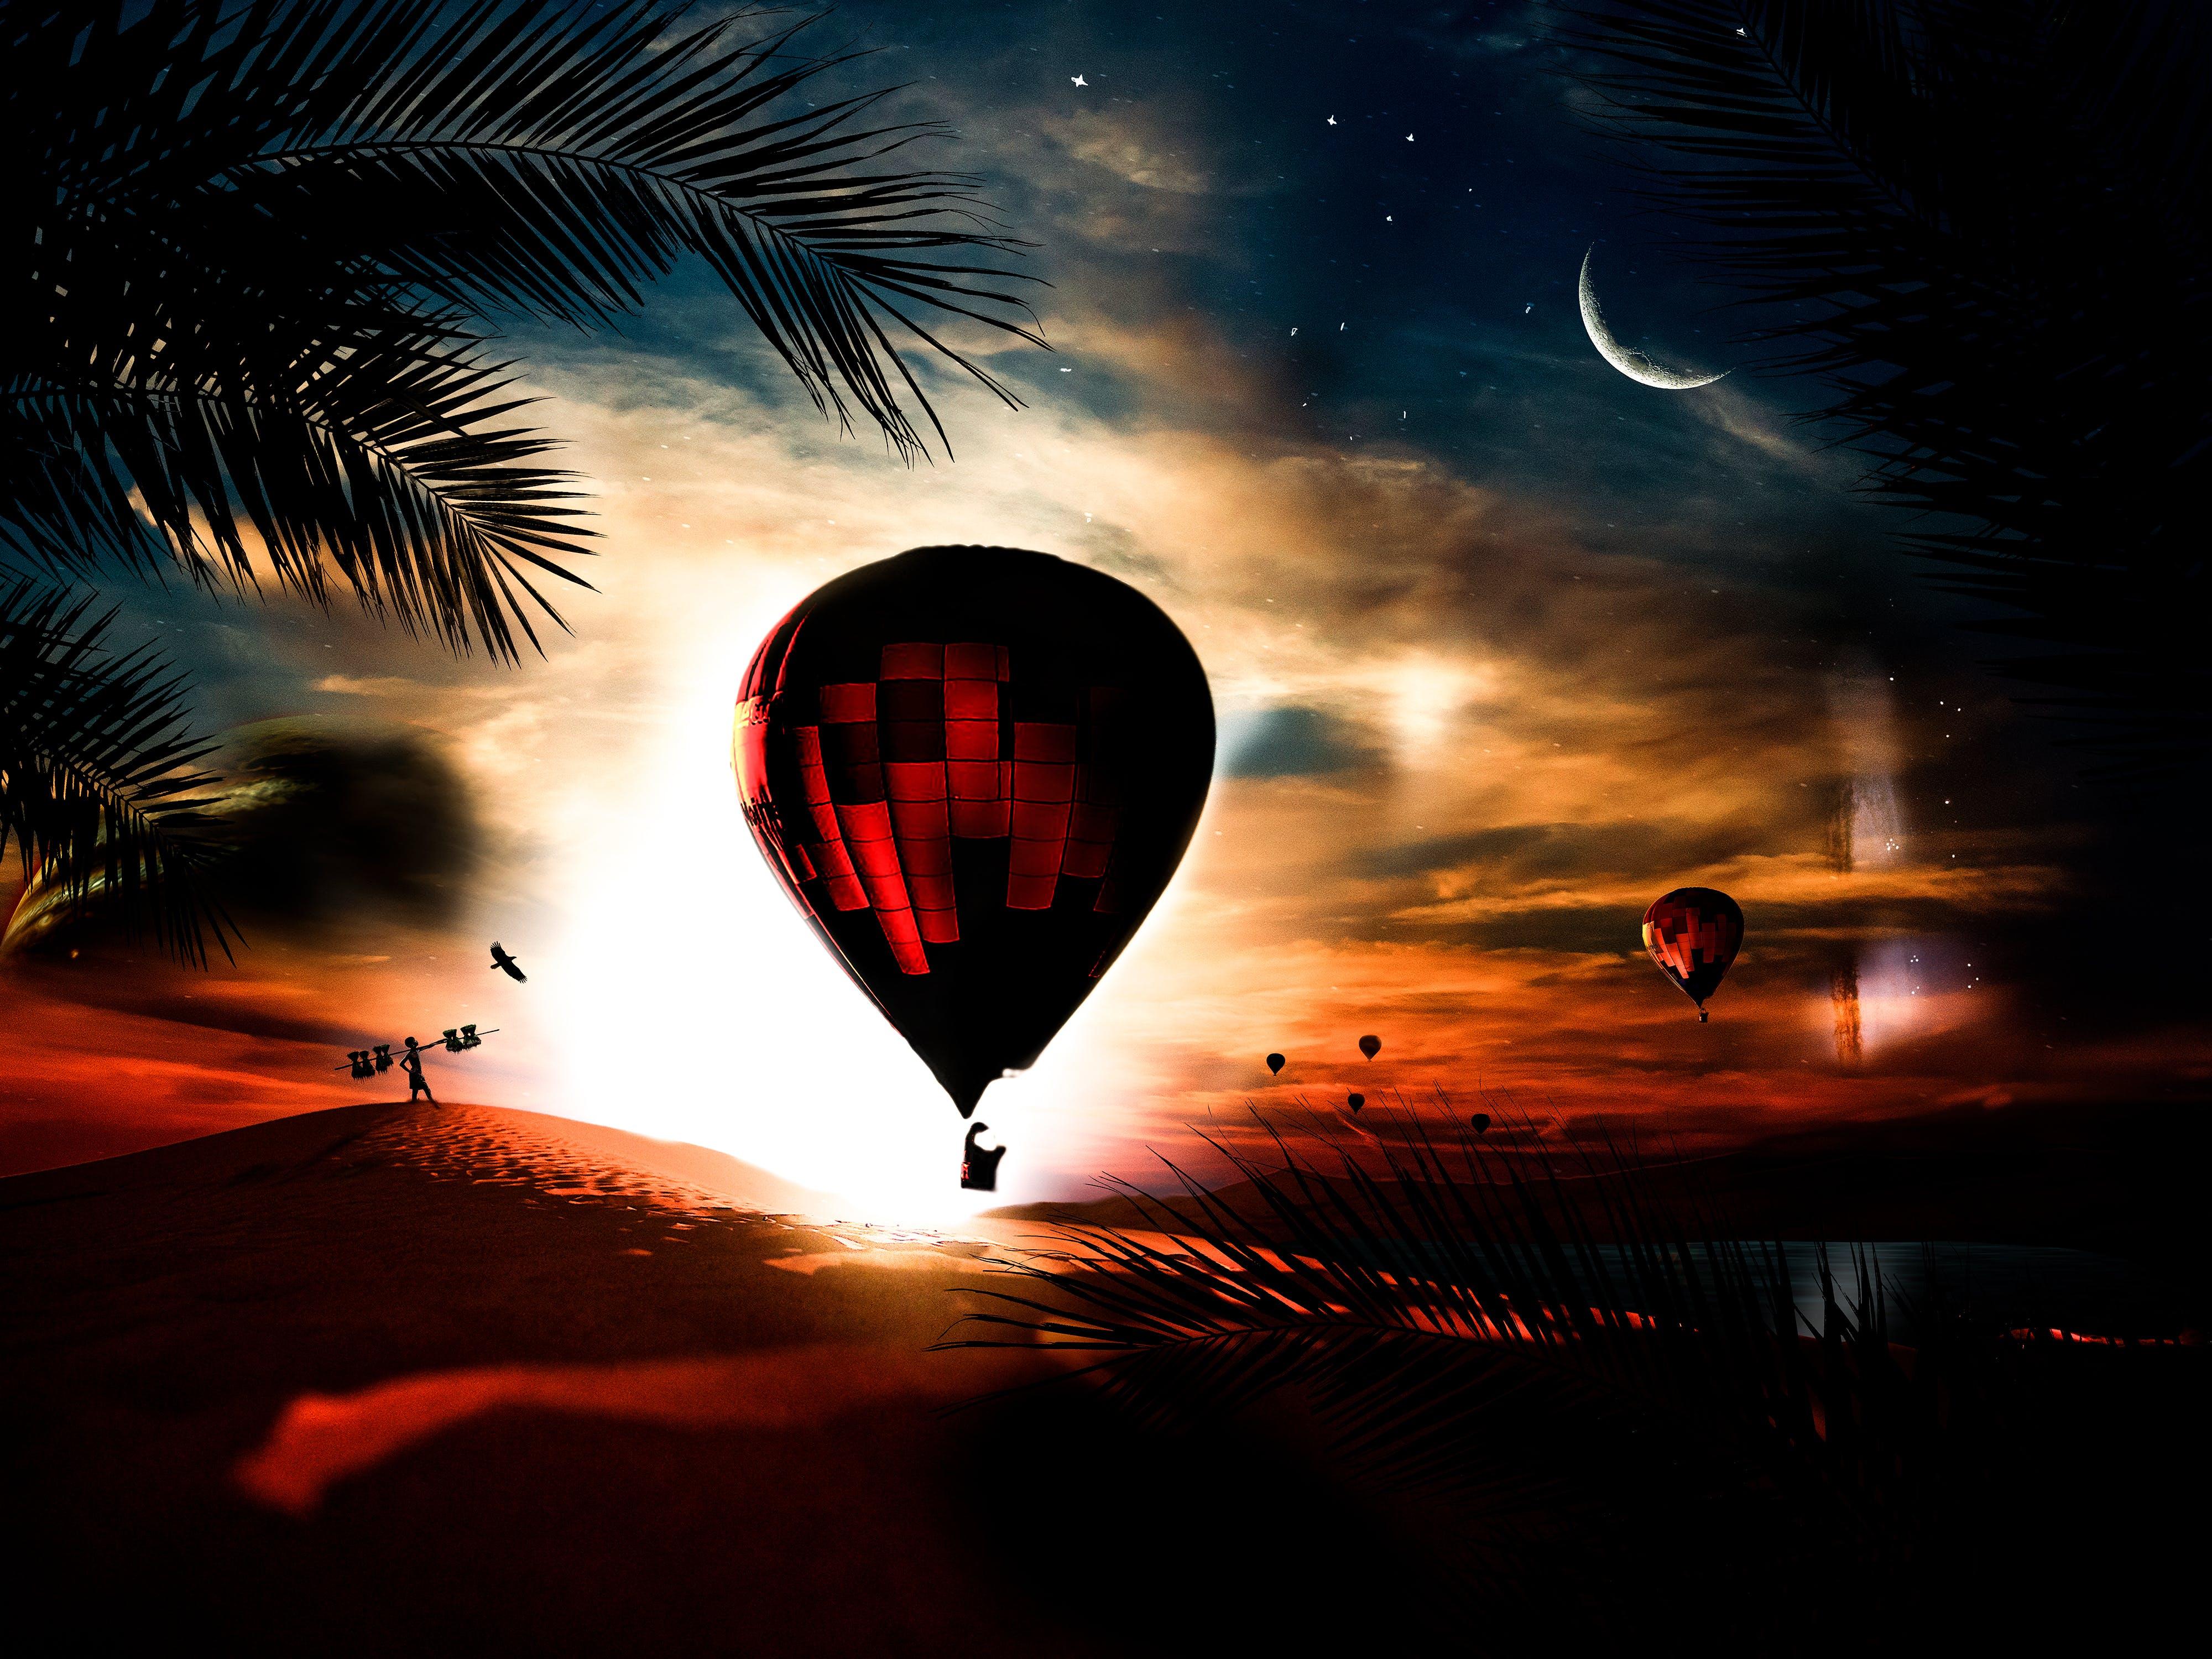 Free stock photo of Adobe Photoshop, balloon, desert, fantasy